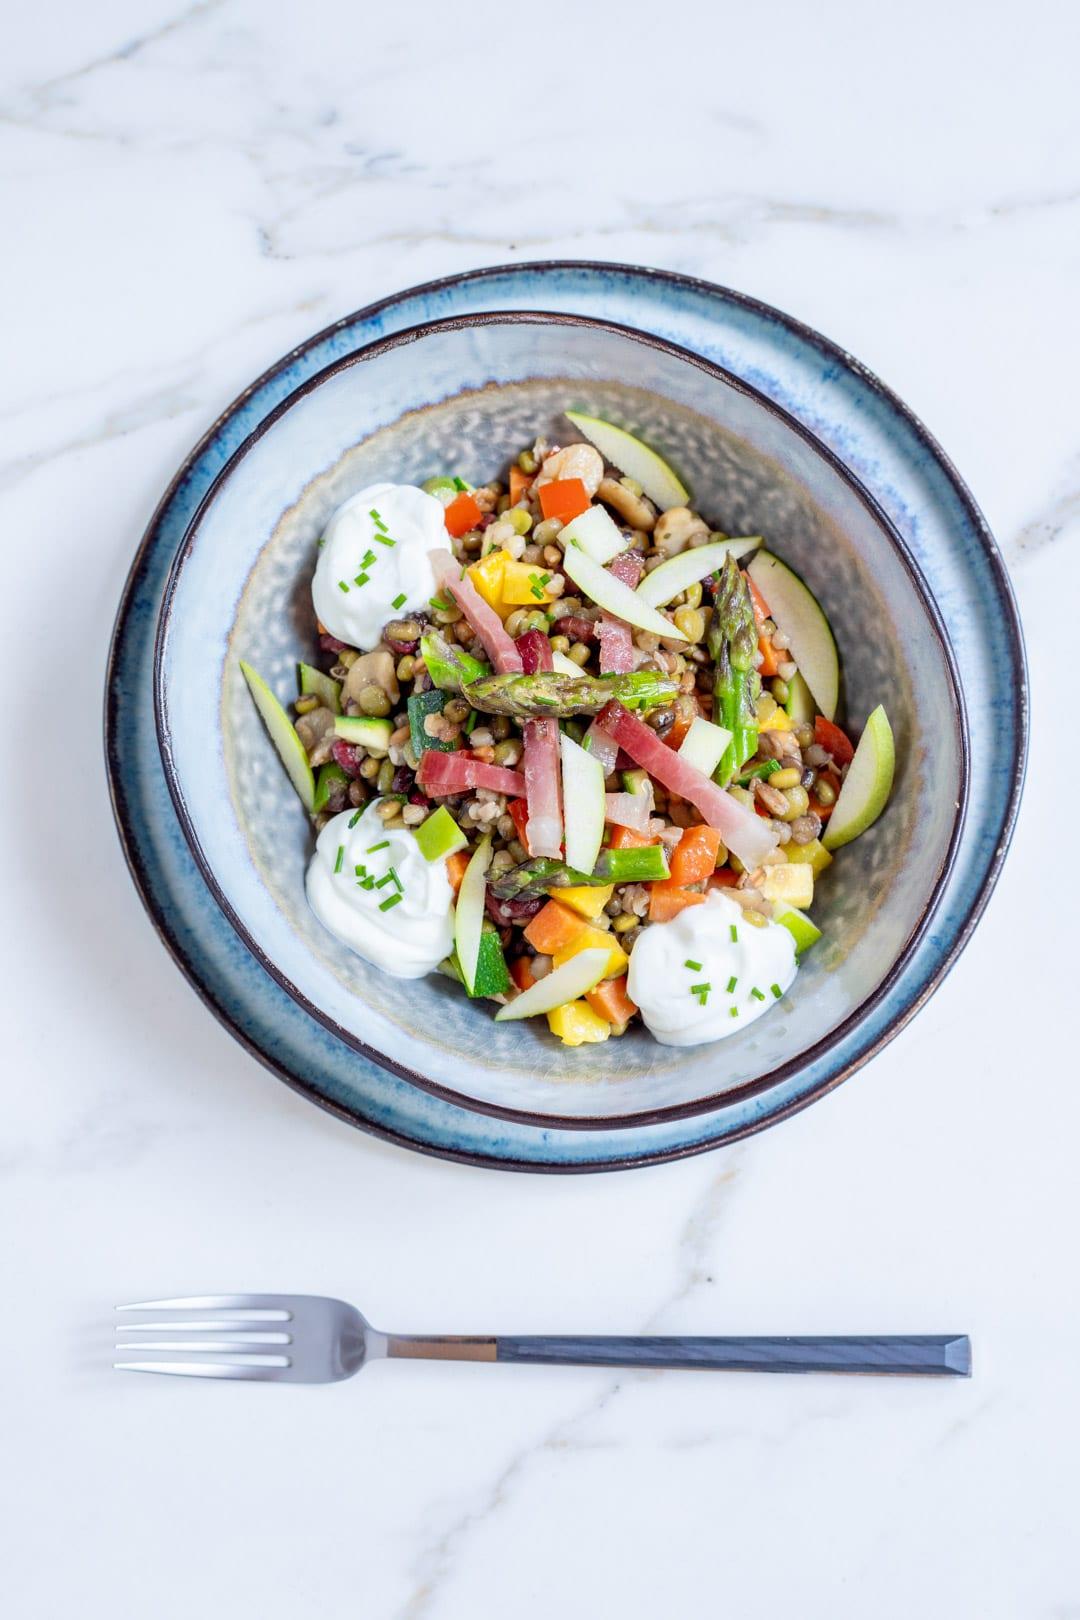 Insalata di verdure, cereali, speck e salsa allo skyr pronta per l'assaggio